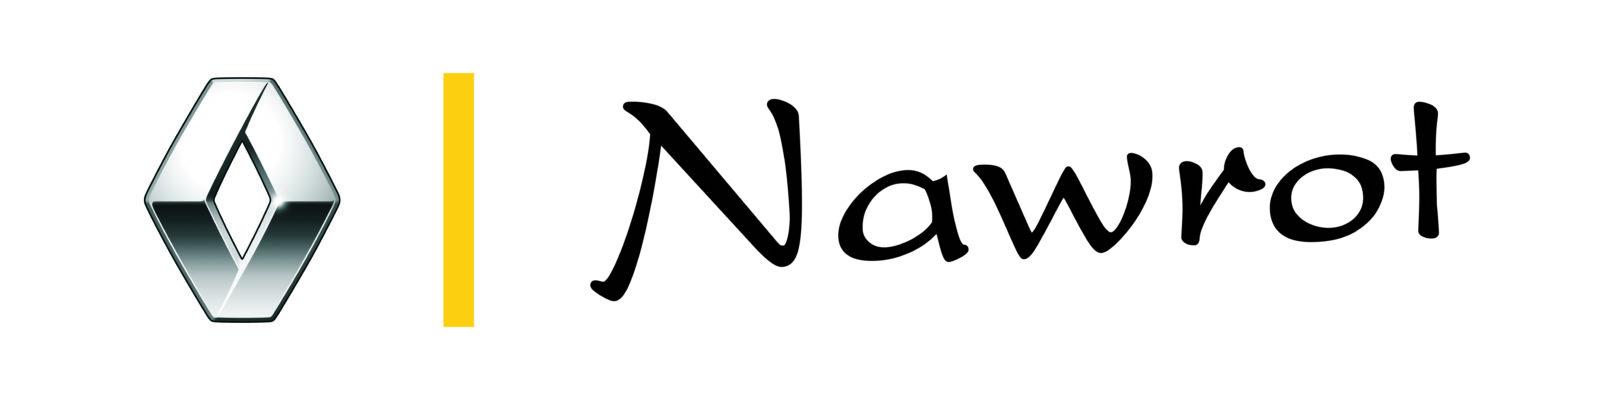 logo_nawrot_renault